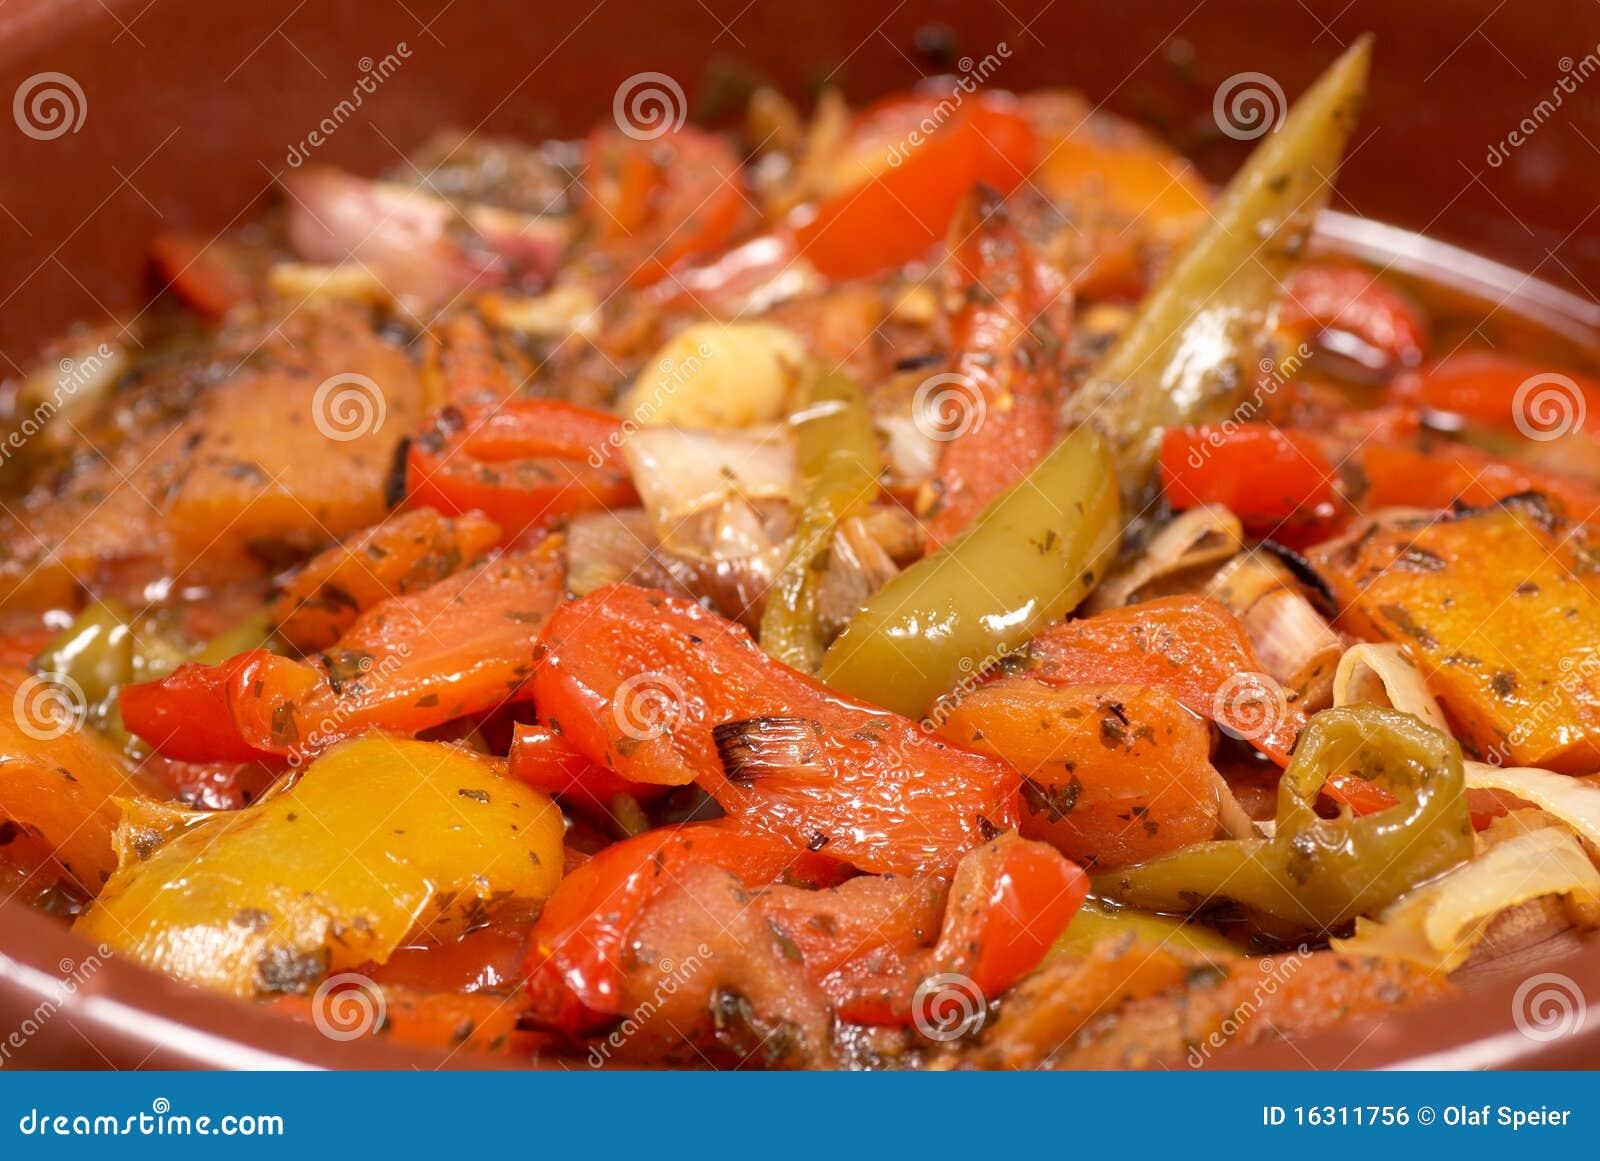 Pisto stew